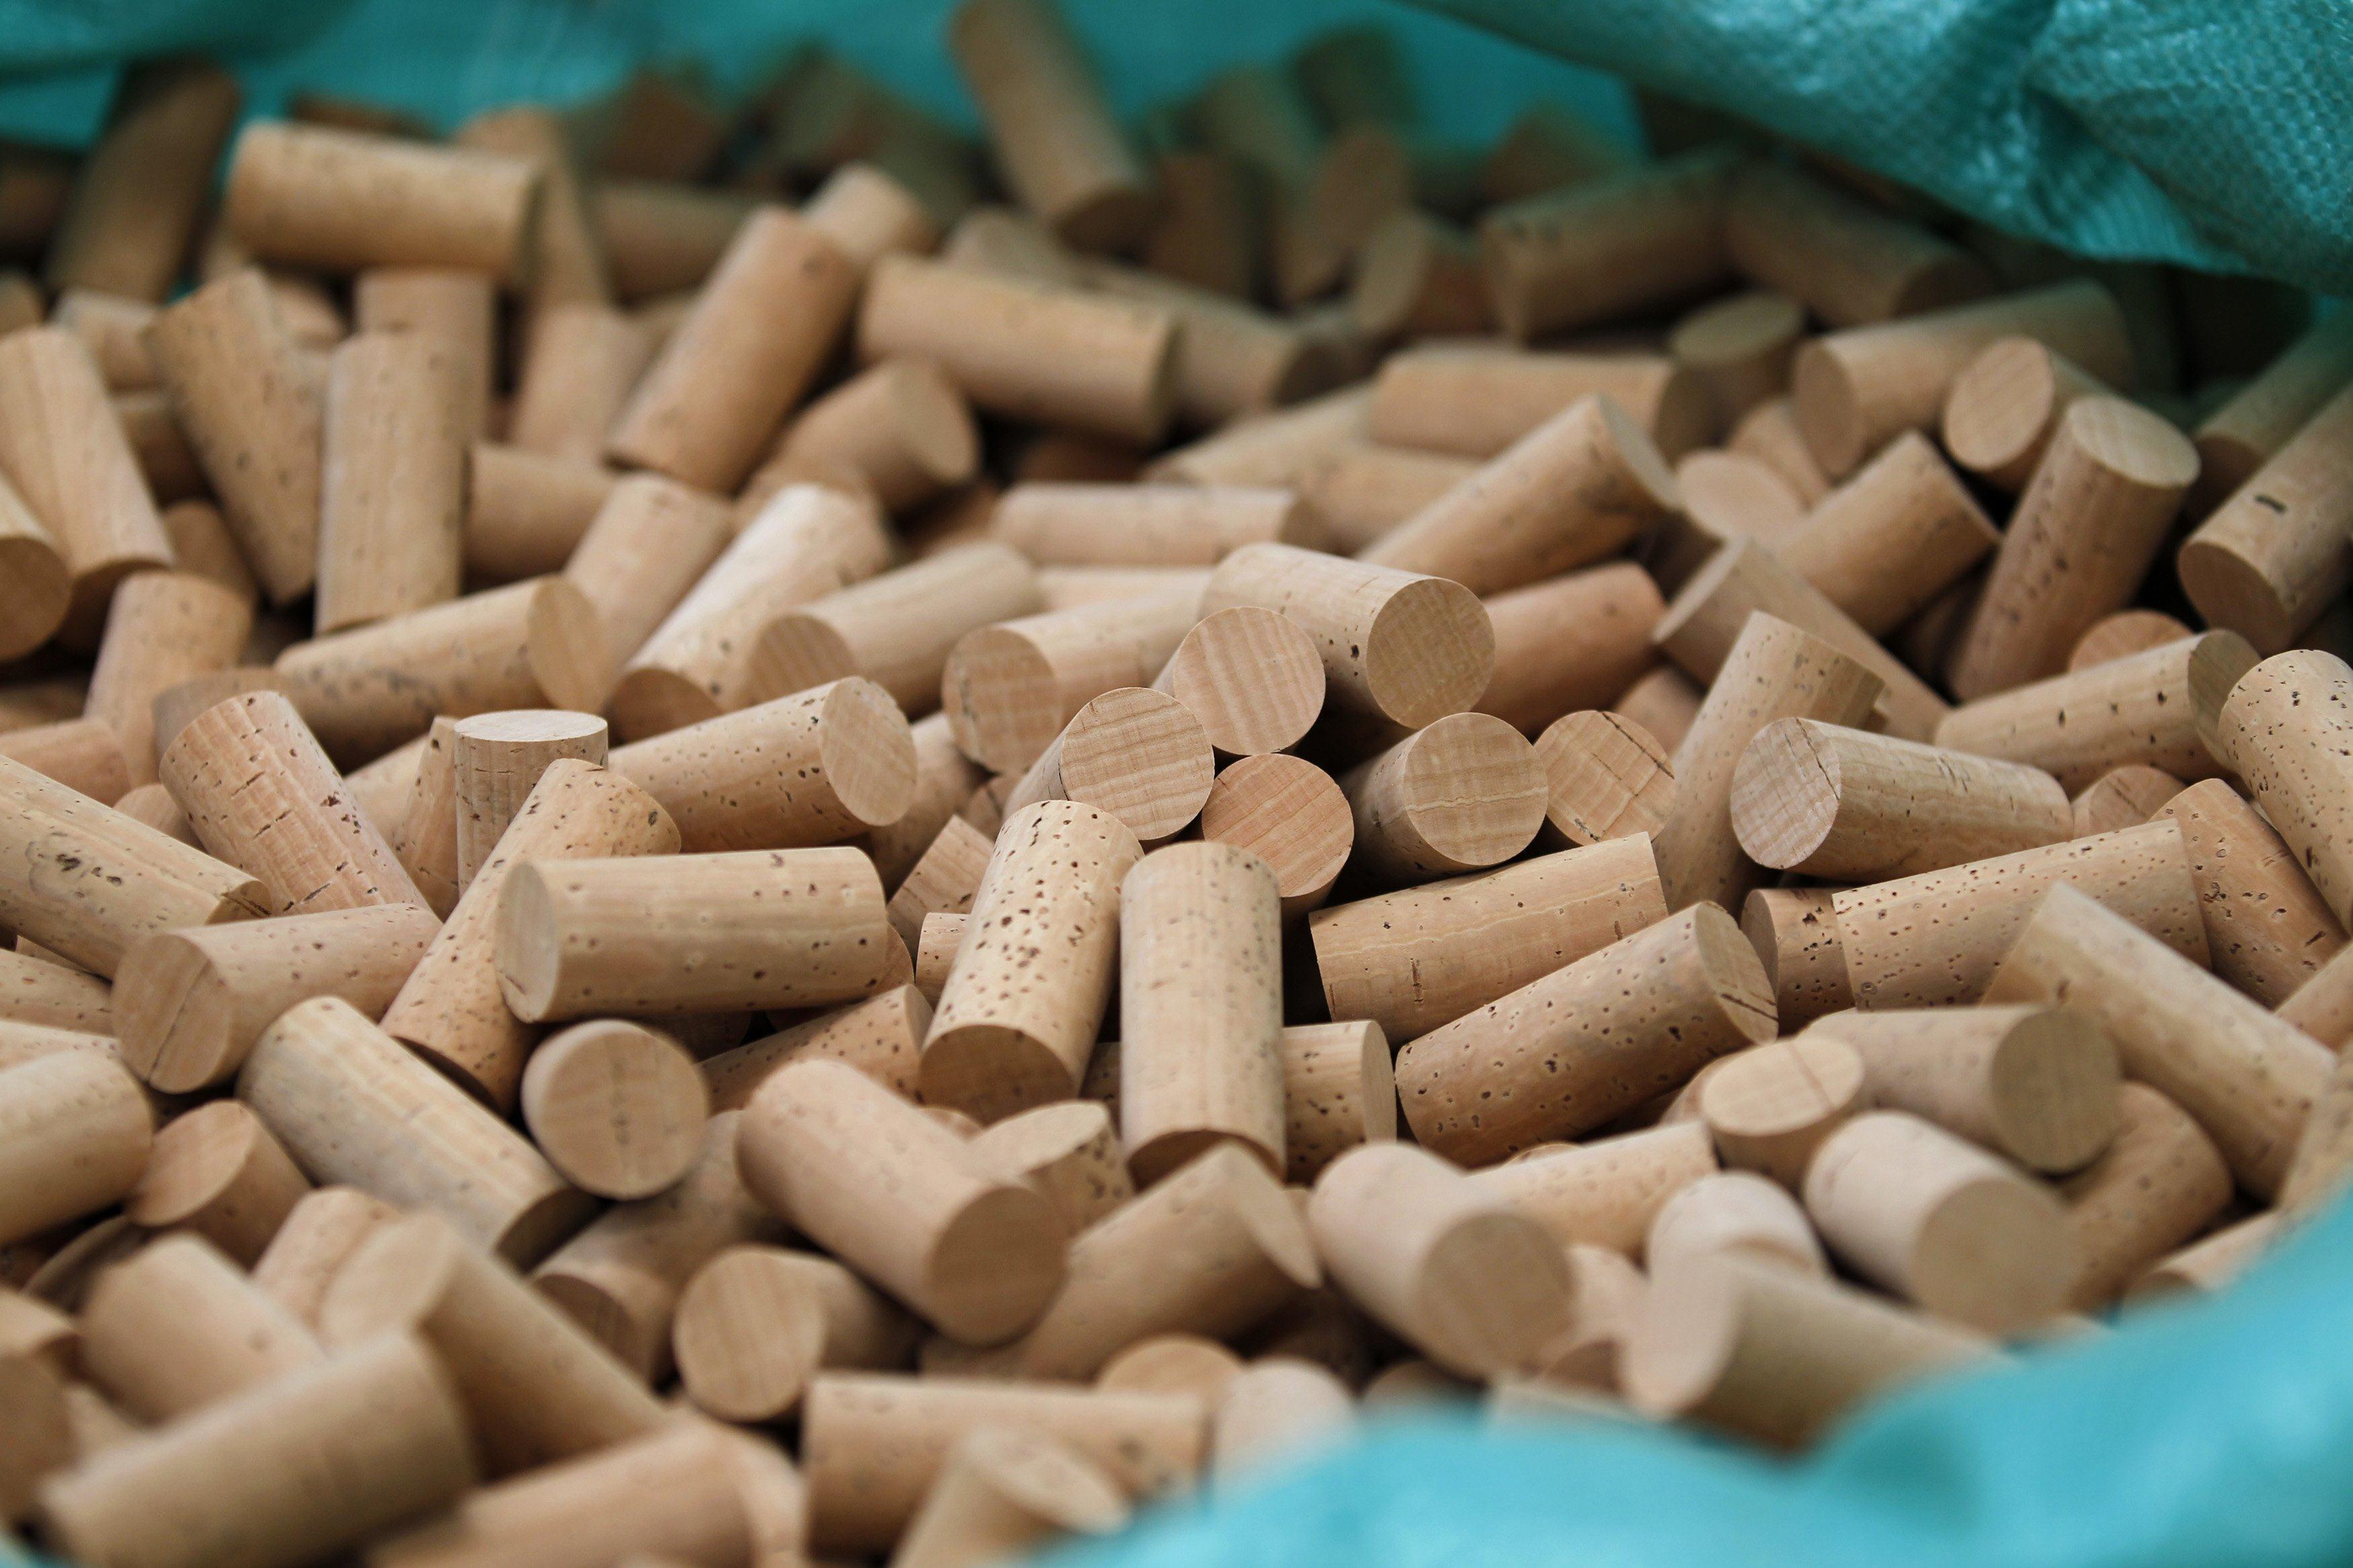 Image: Wine corks